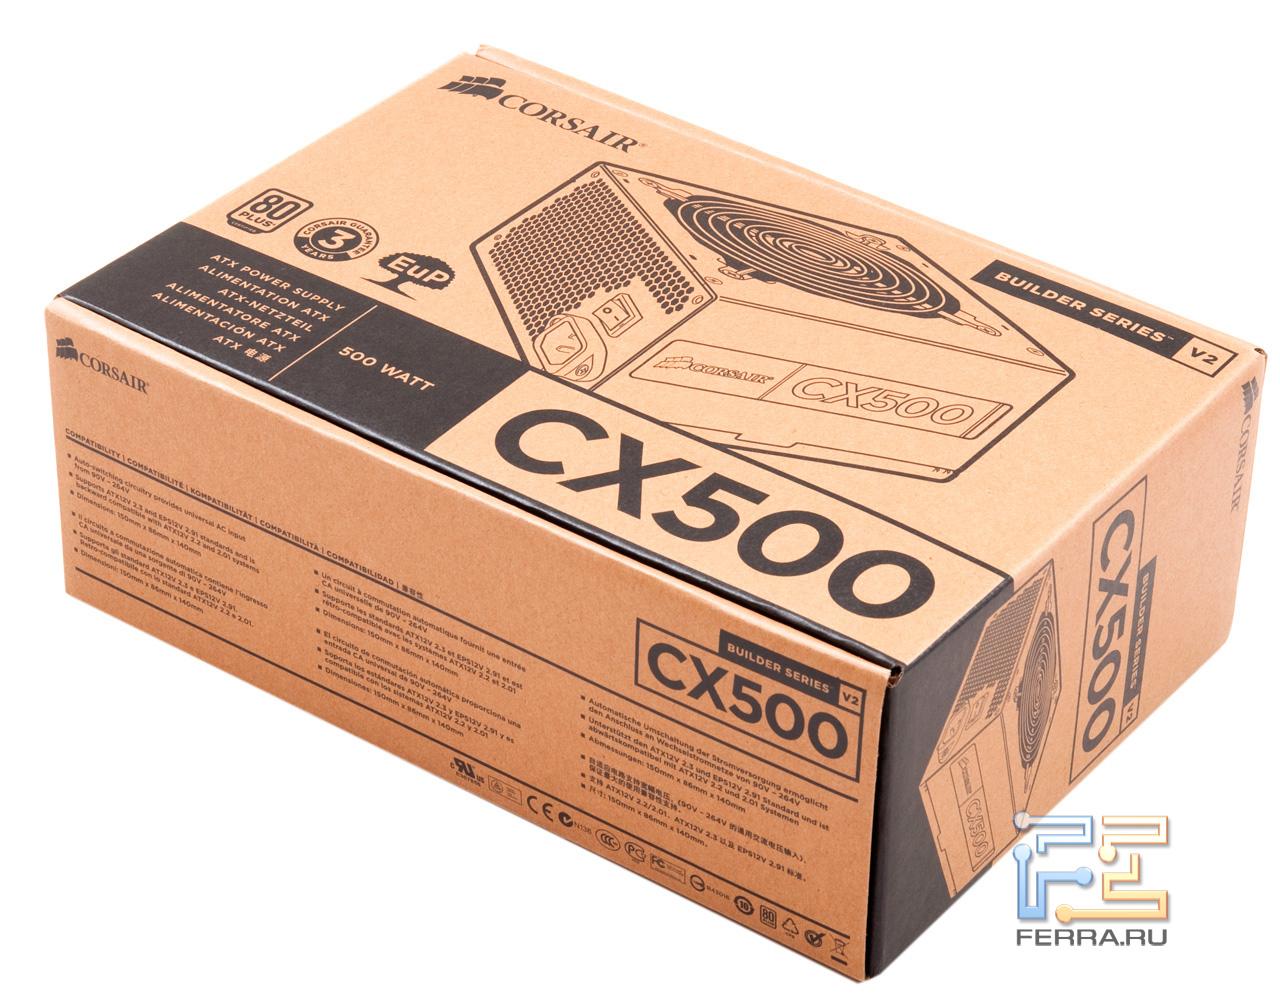 Ferra ru стабильные пираты обзор блоков питания corsair cx500 и